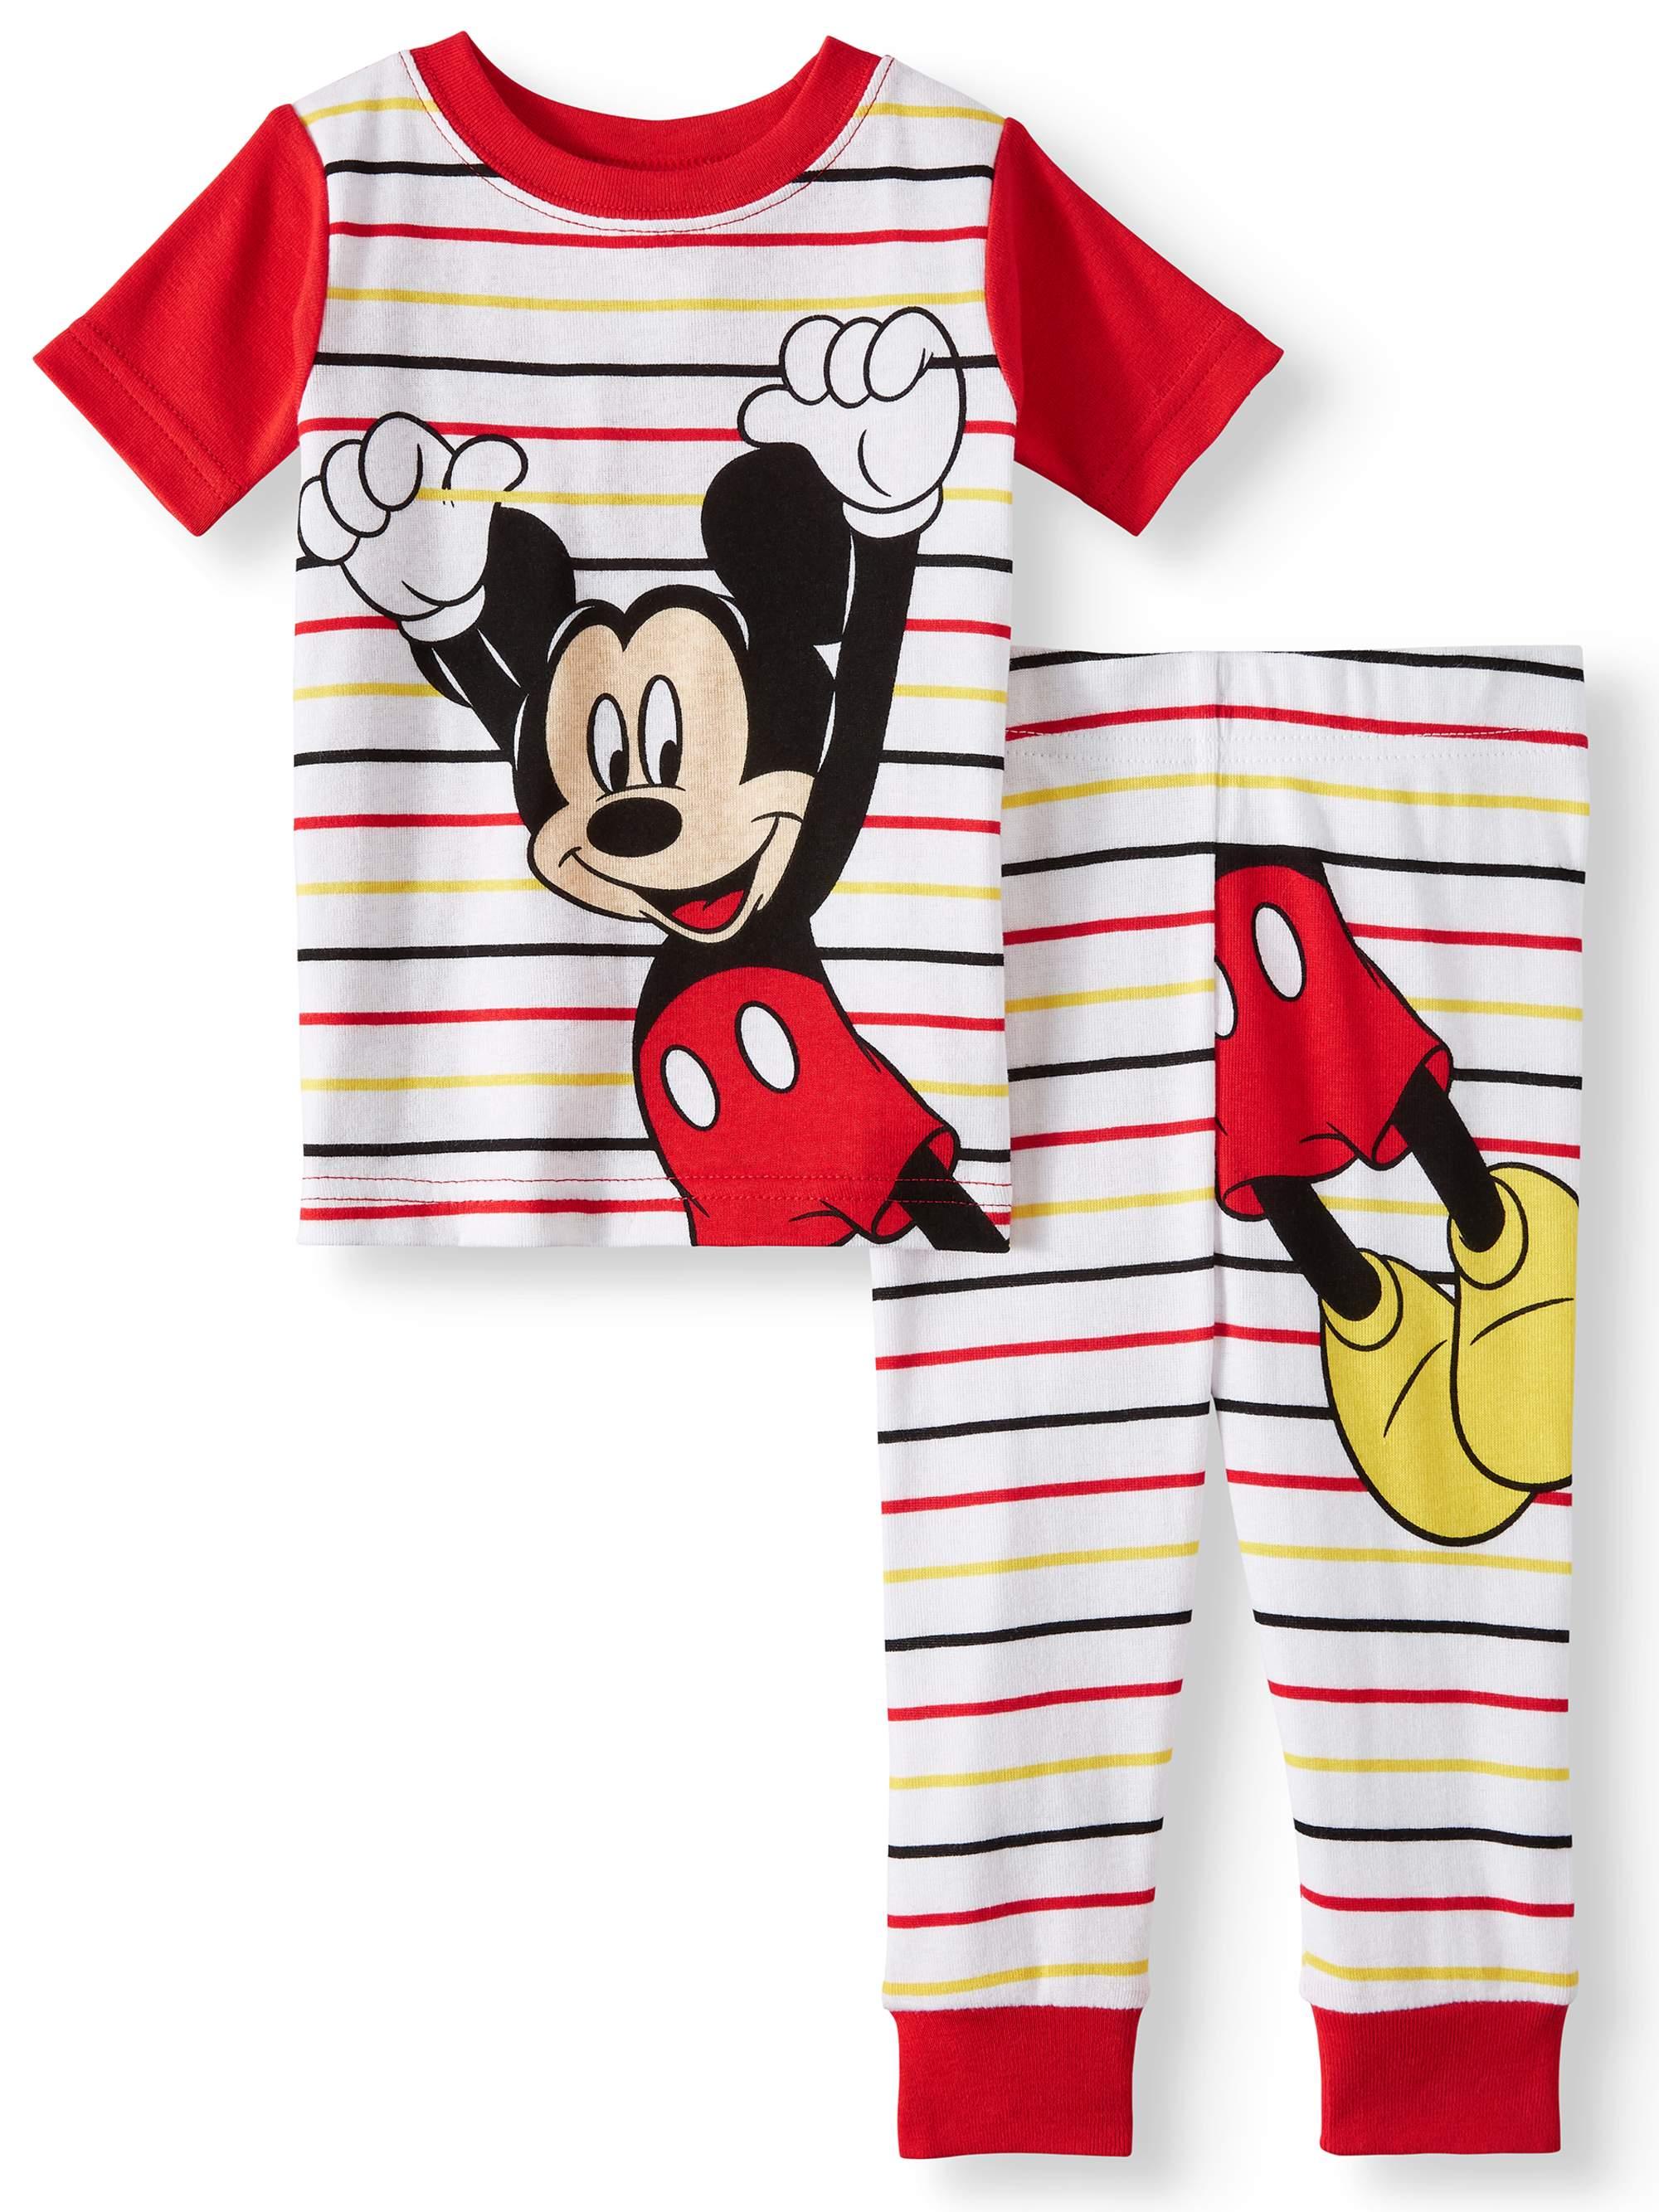 Cotton Tight Fit Pajamas, 2pc Set (Baby Boys)